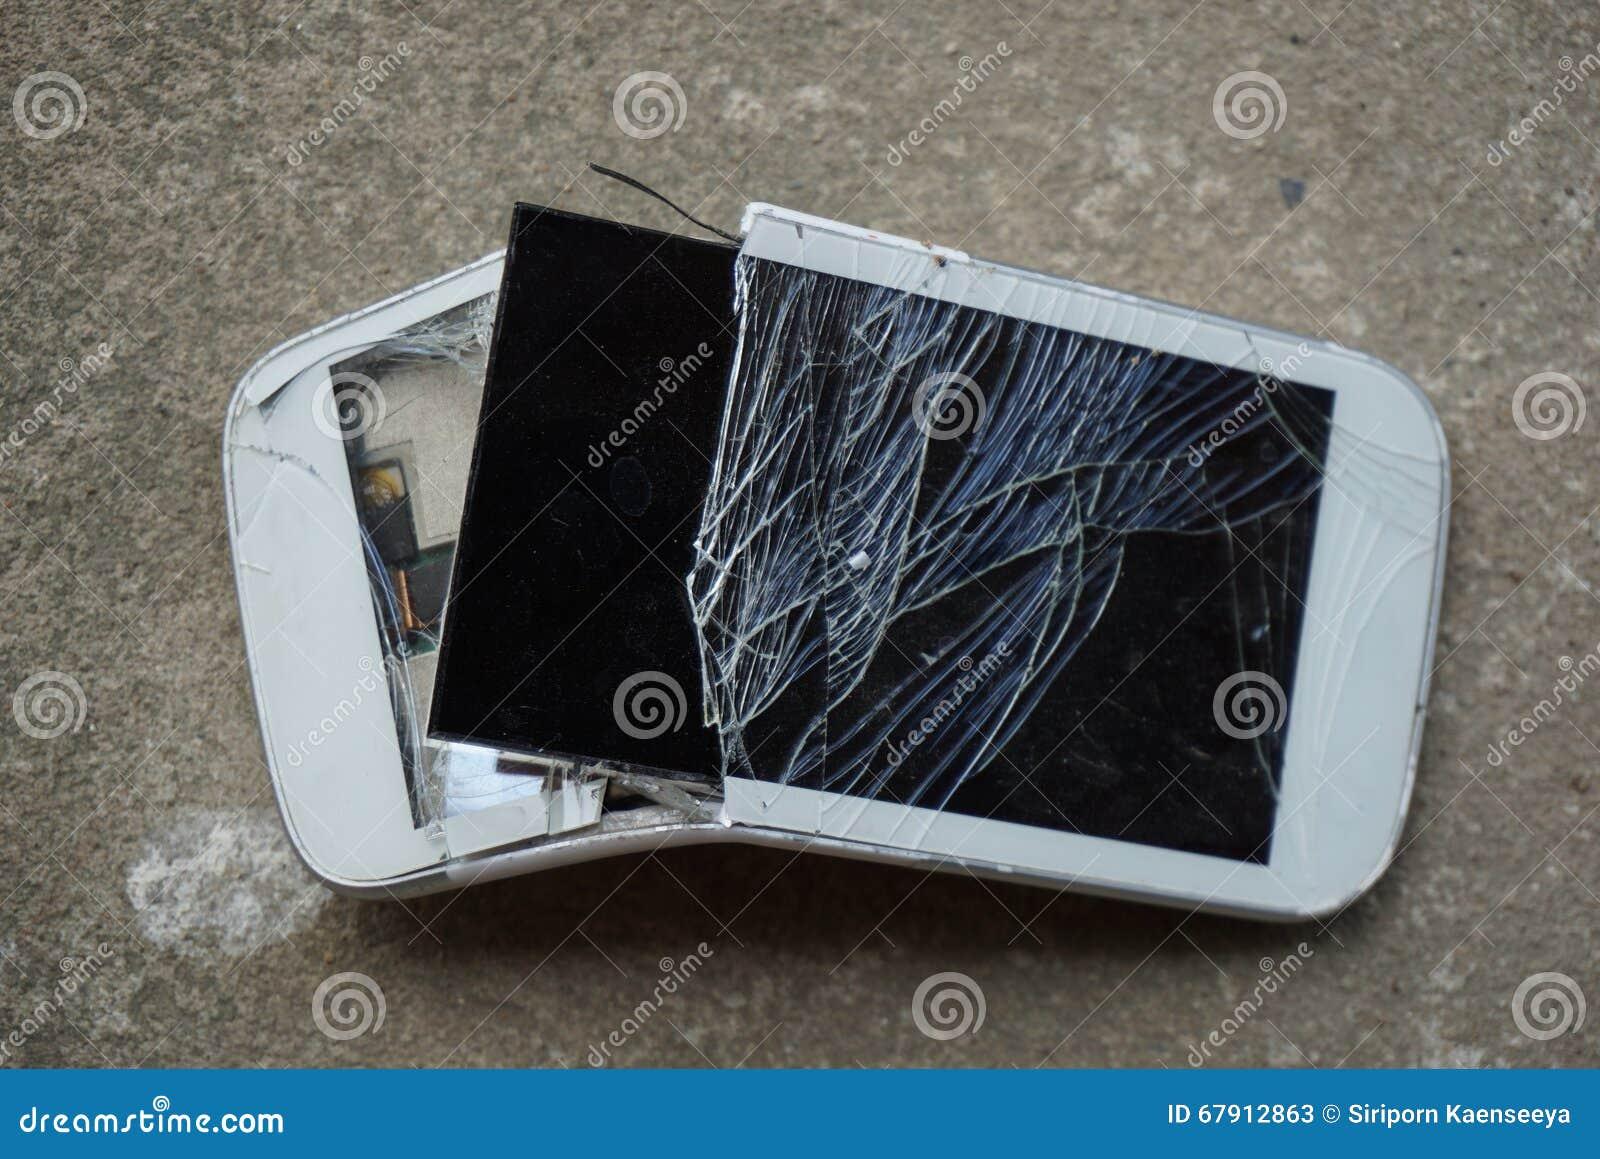 broken screen cellphone